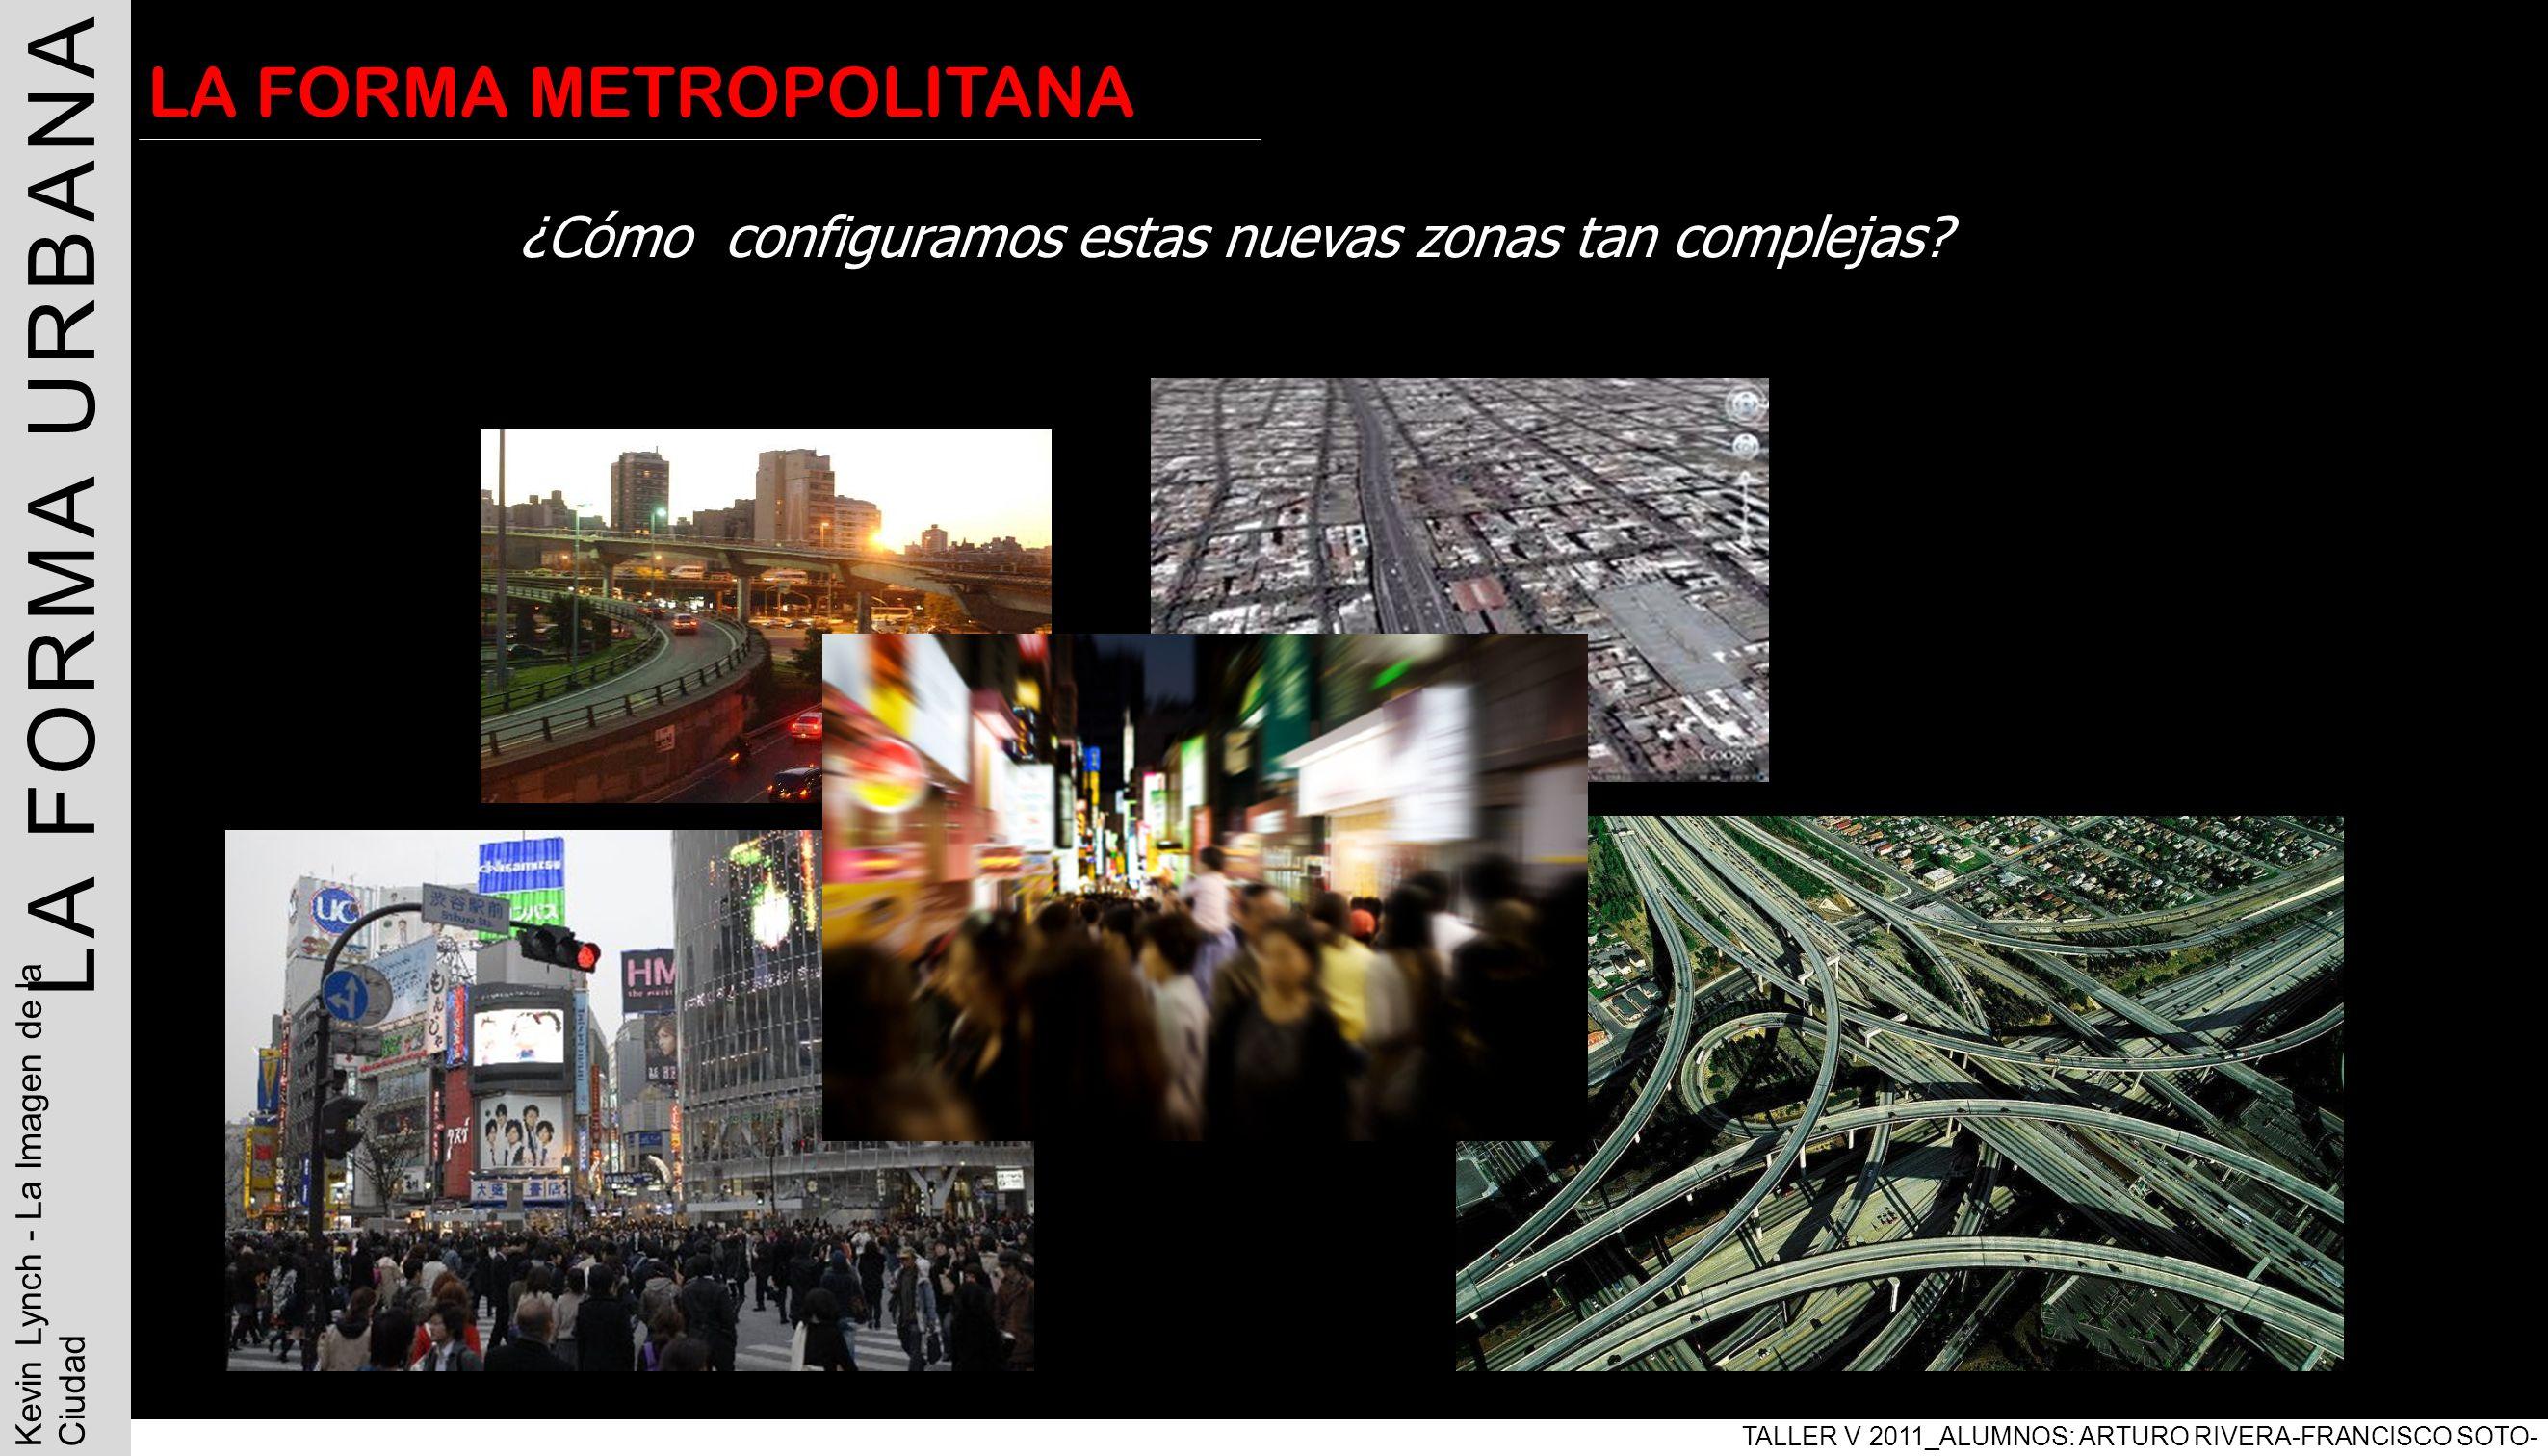 | LA FORMA URBANA LA FORMA METROPOLITANA